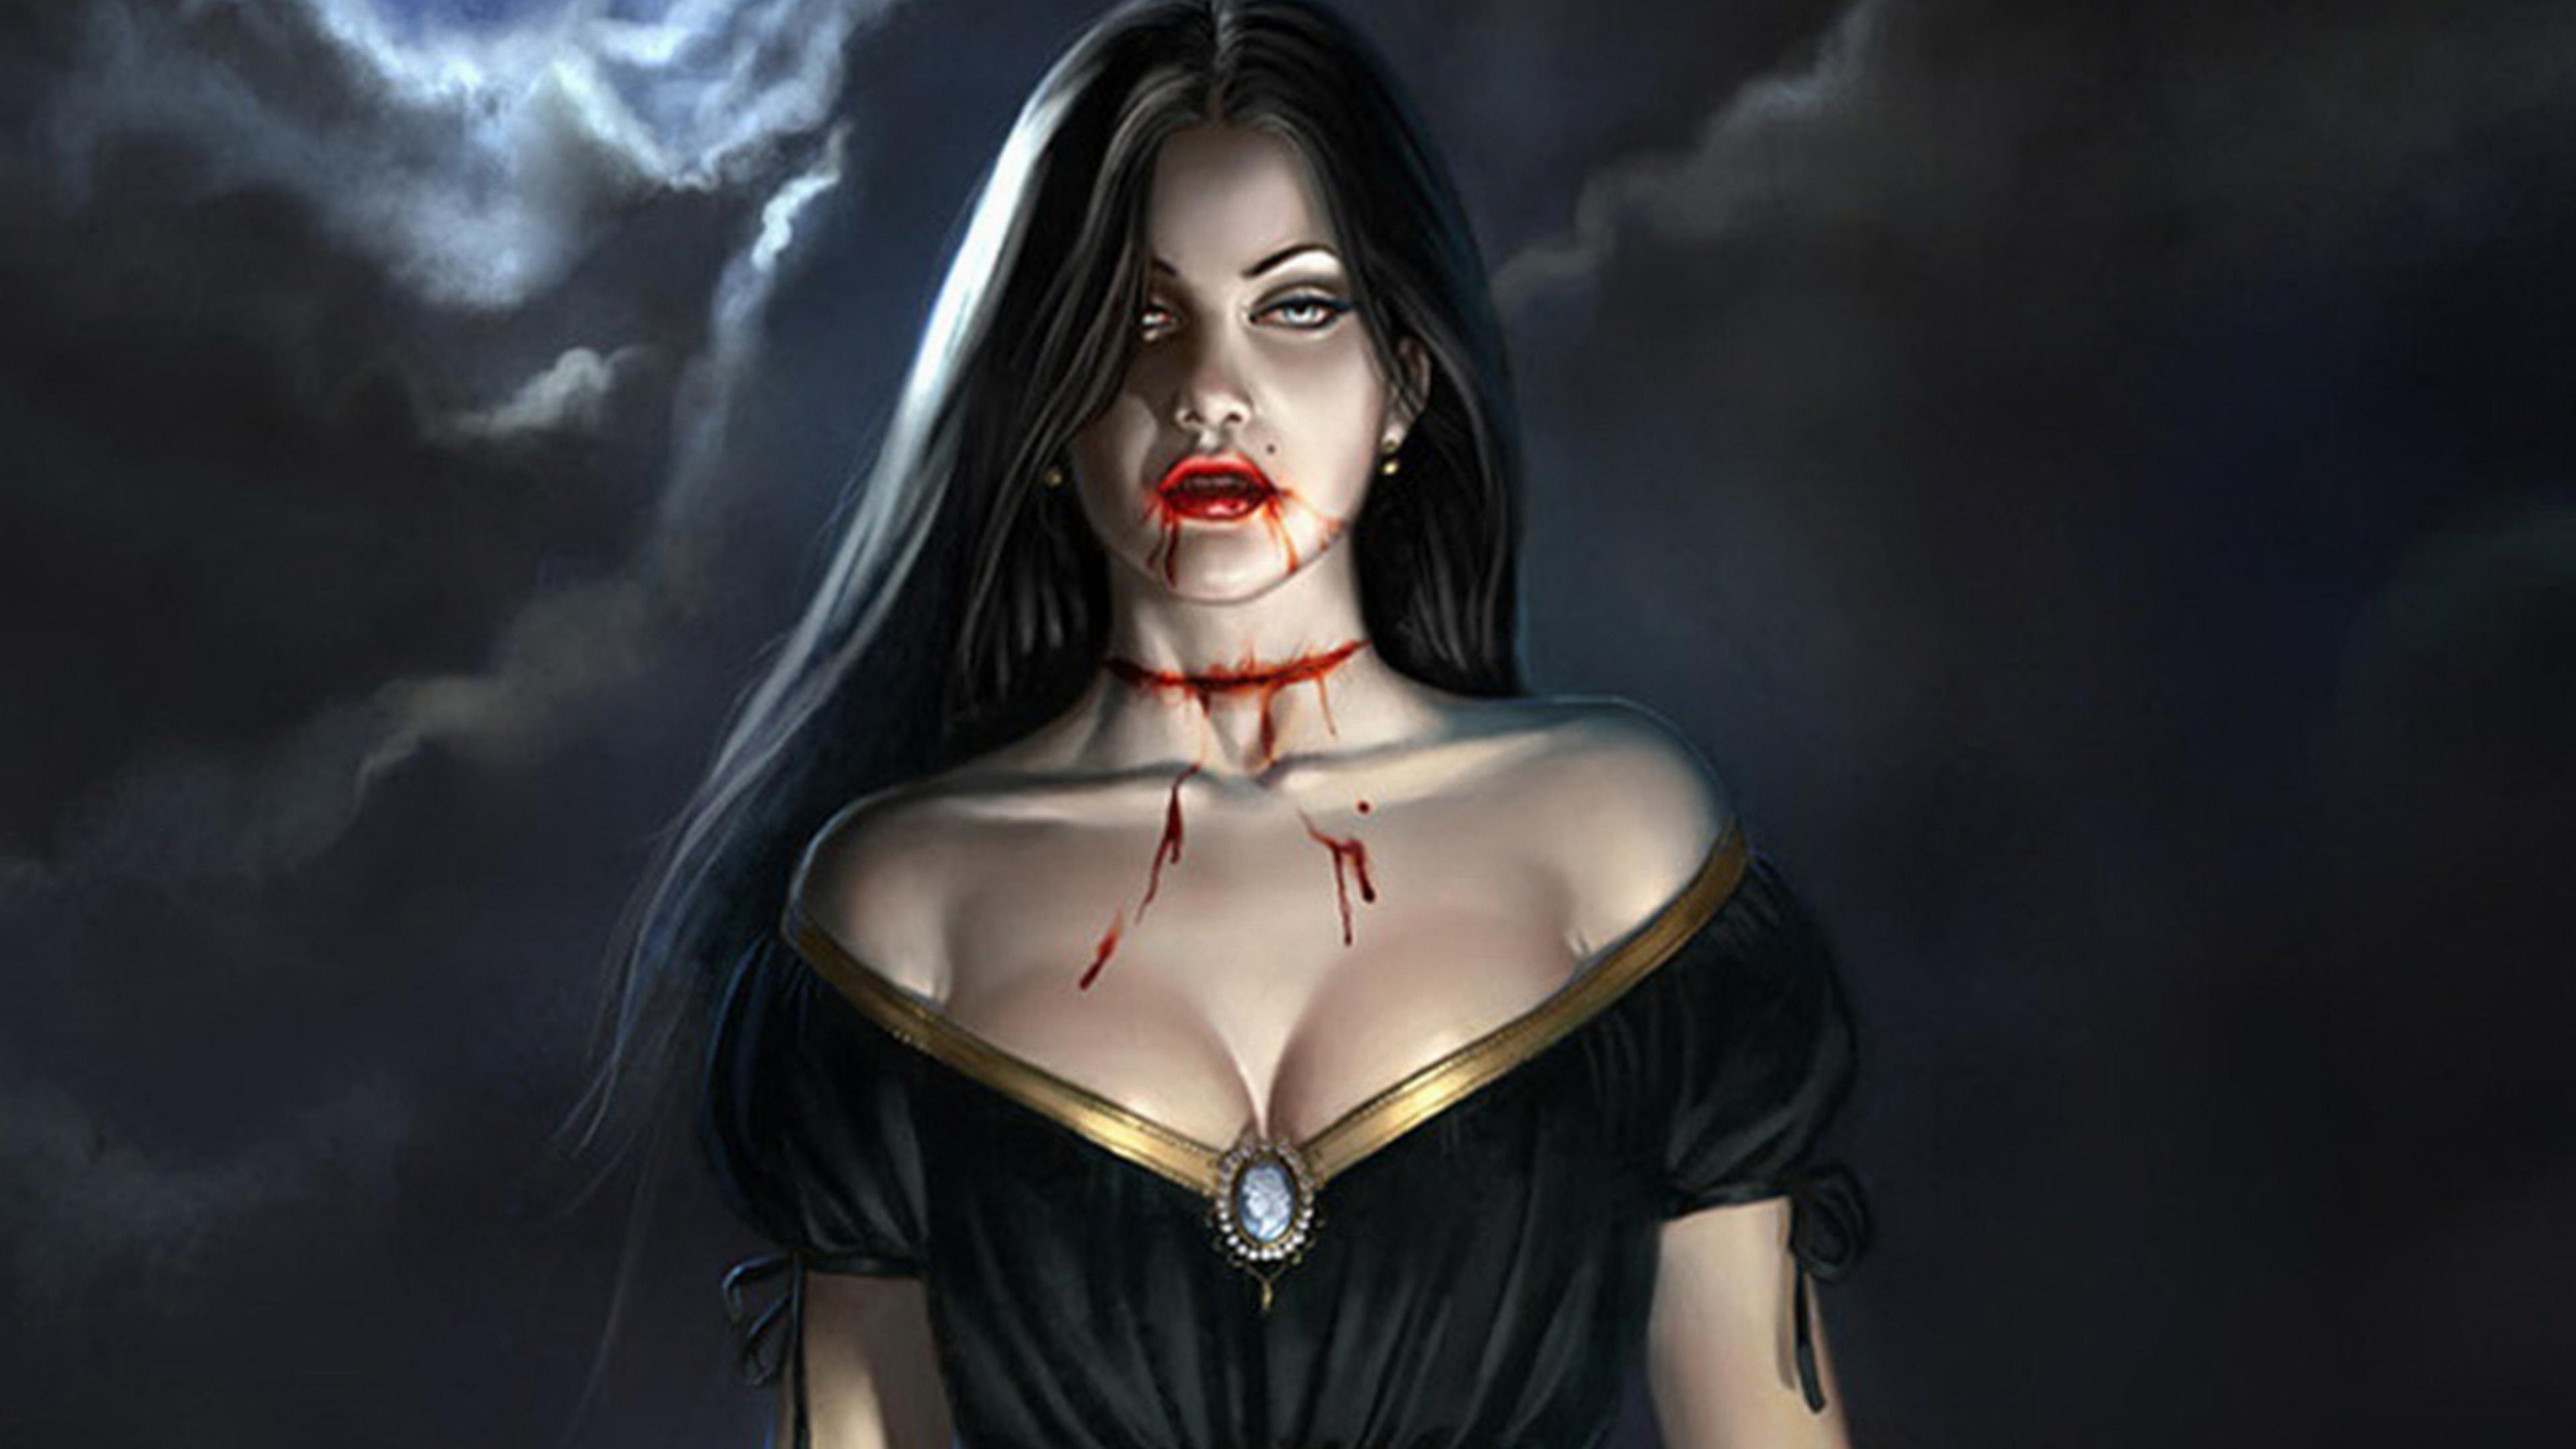 Female vampire art doble sex